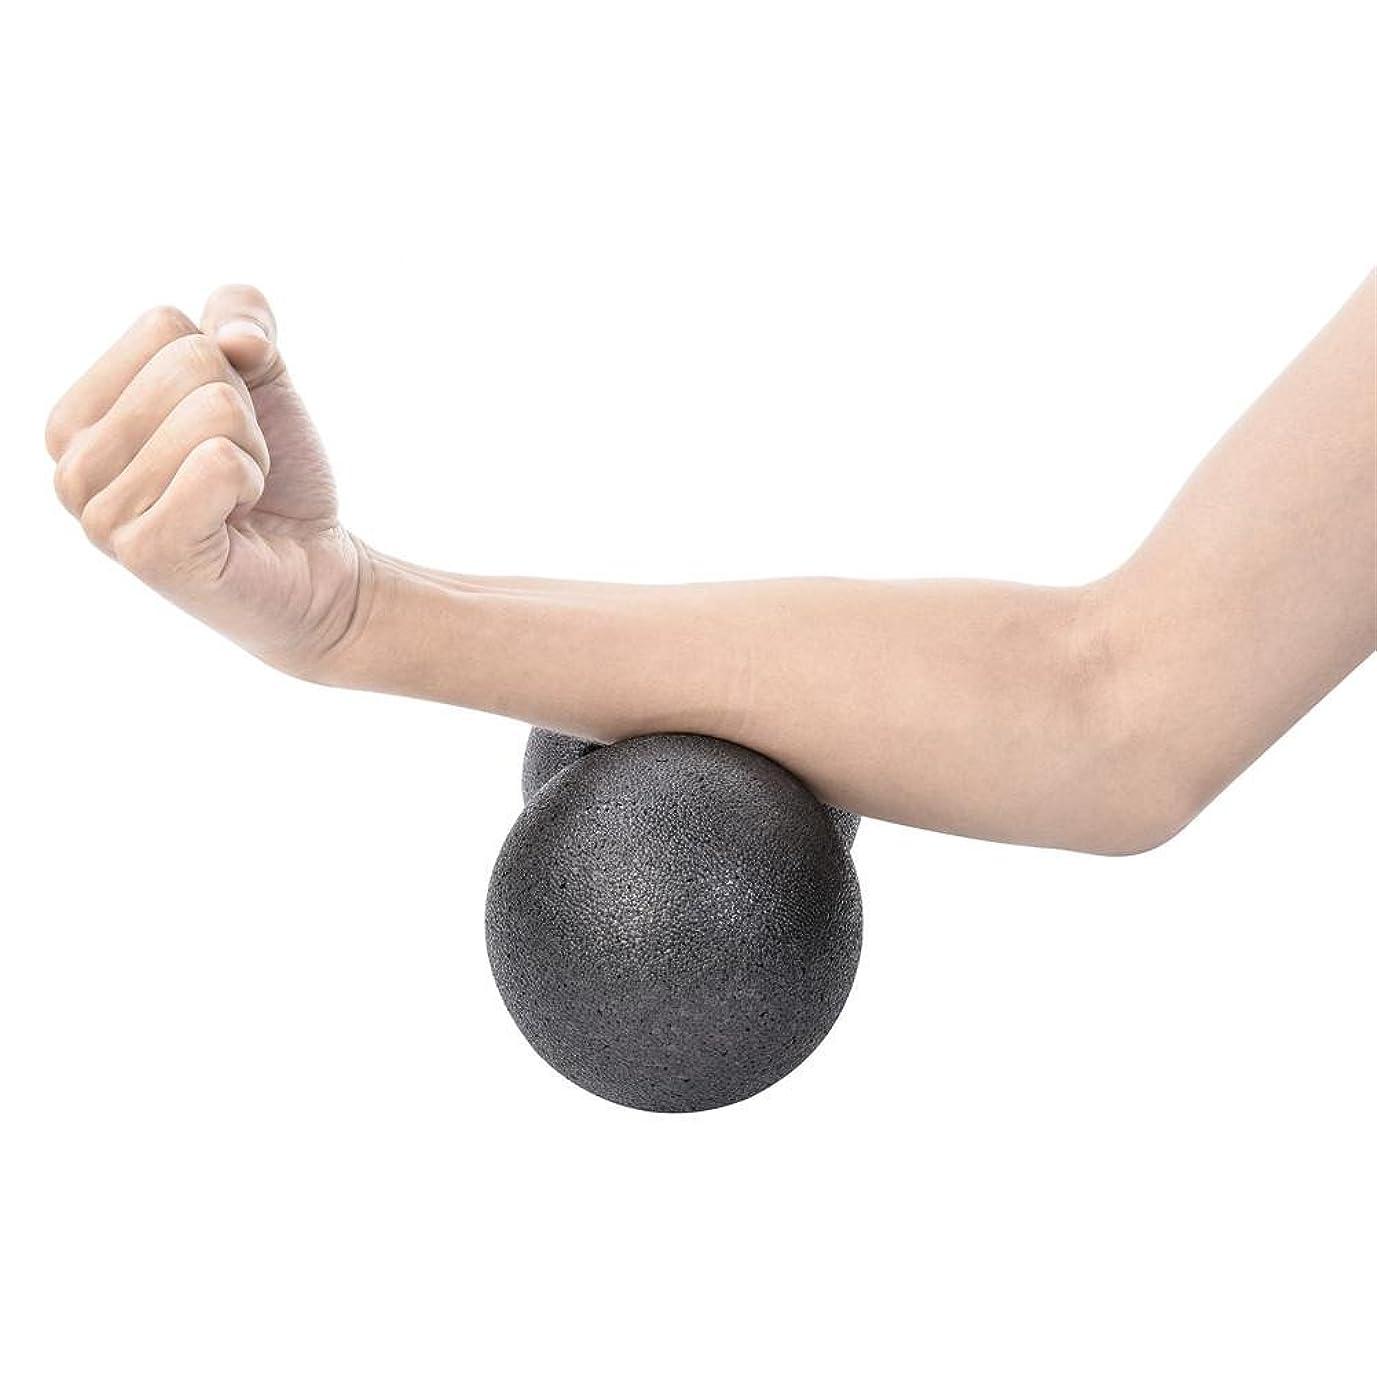 ロイヤリティライオン絞る硬め マッサージボール ストレッチボール 疲れ解消ボール ピーナッツボール ツボマッサージボール ツボ押しグッズ ふくらはぎ 足裏 トレーニング 背中 肩こり 腰